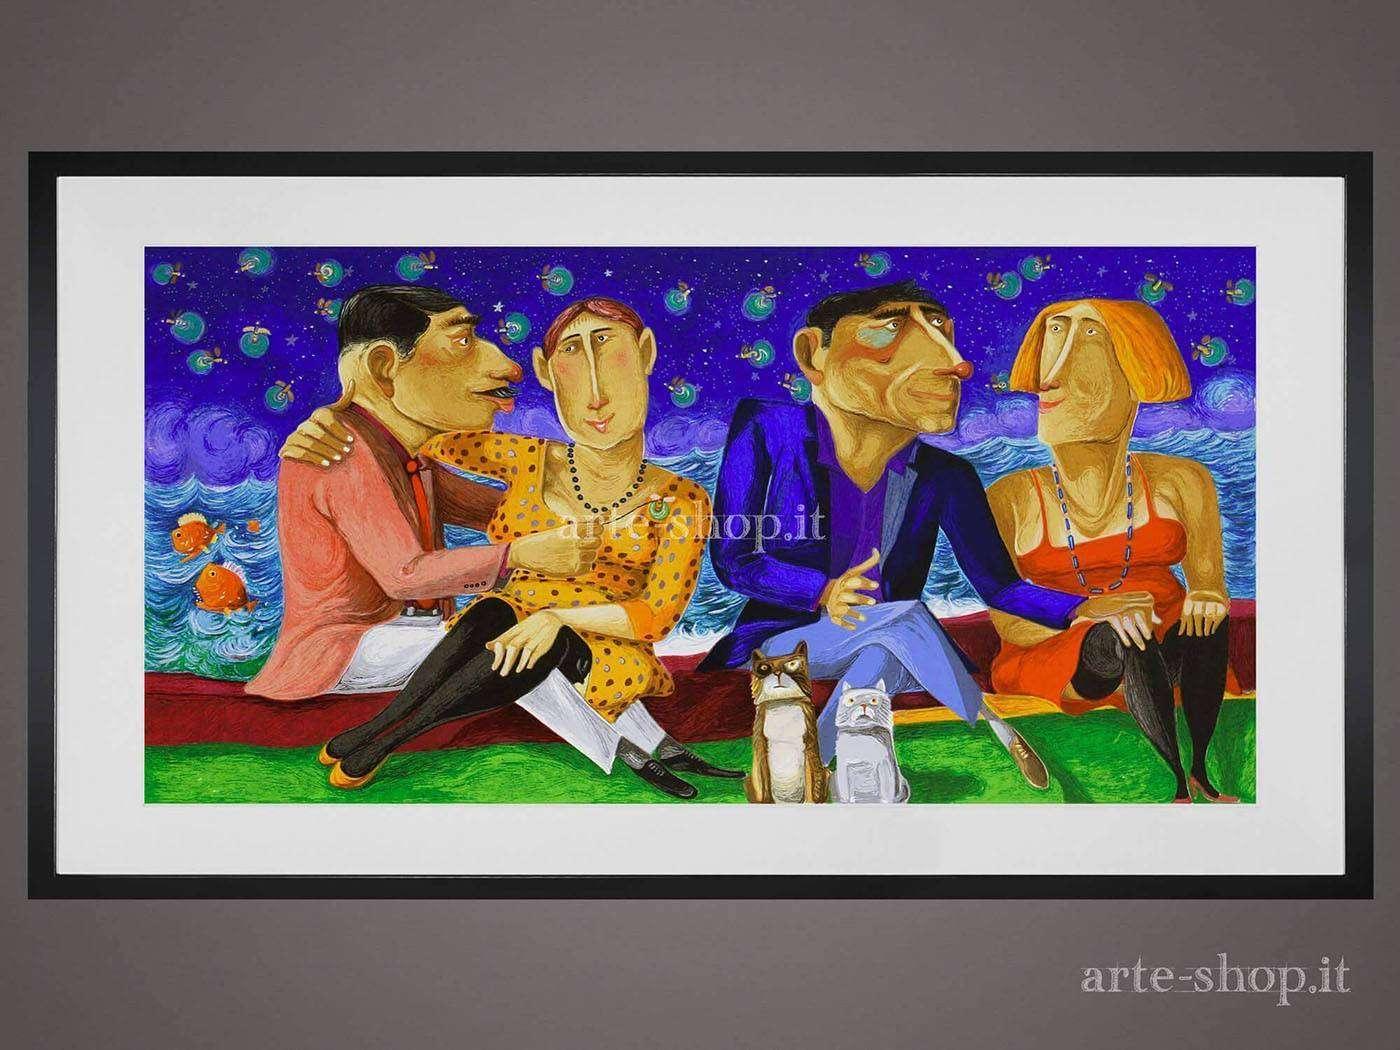 Serigrafia Pino Procopio - Confidenze notturne